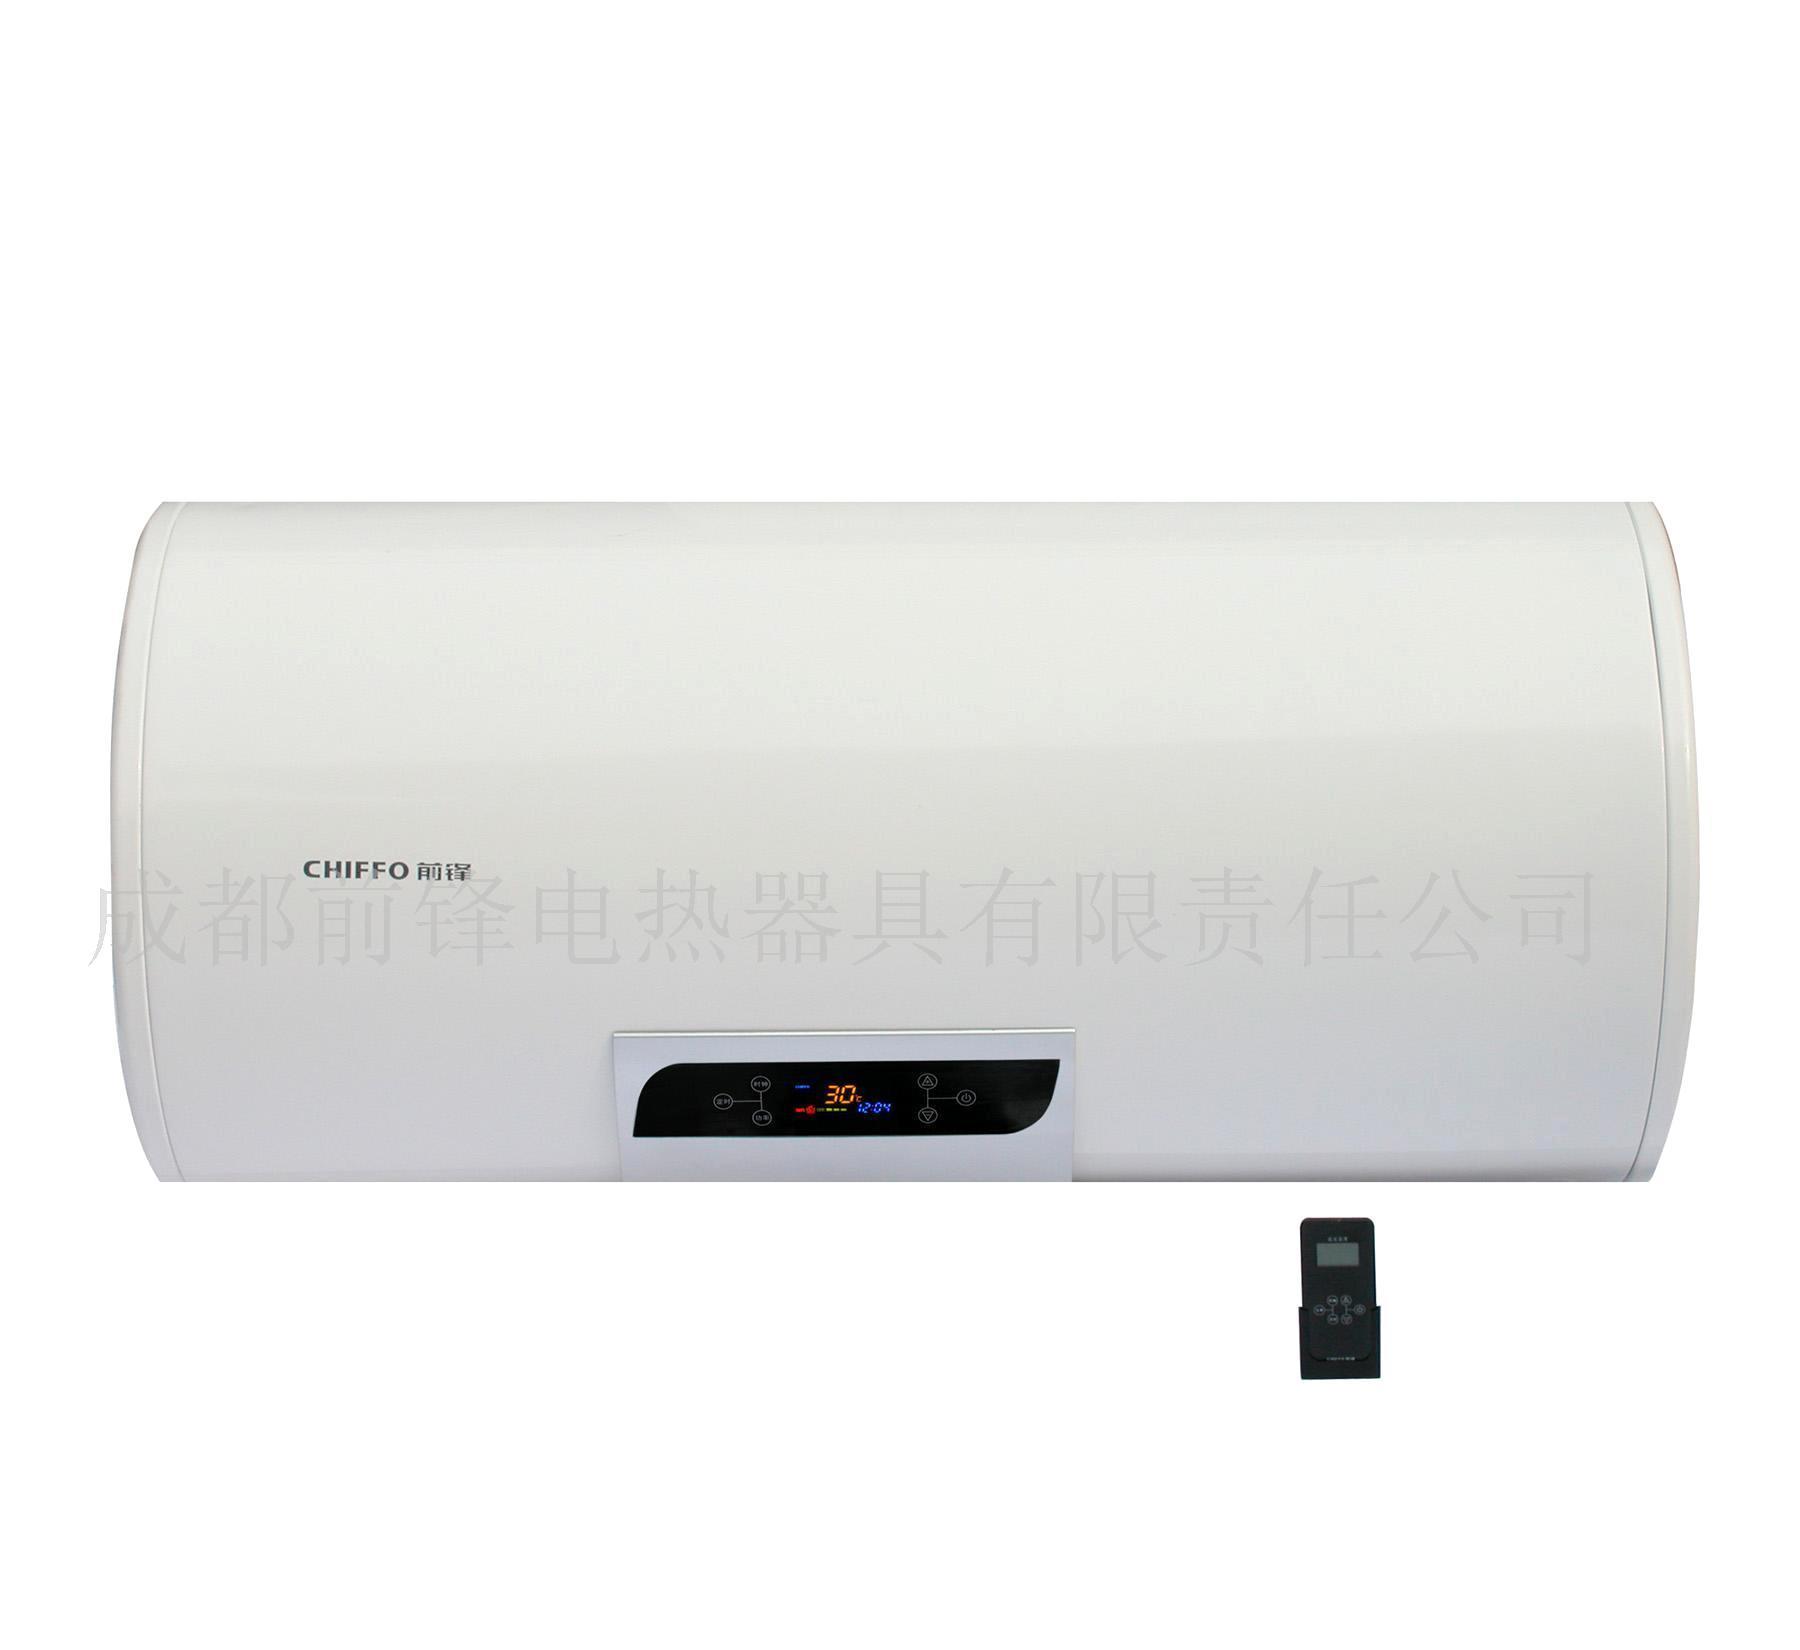 厨房 小 电热水器【多图】_价格_图片- 天猫精选